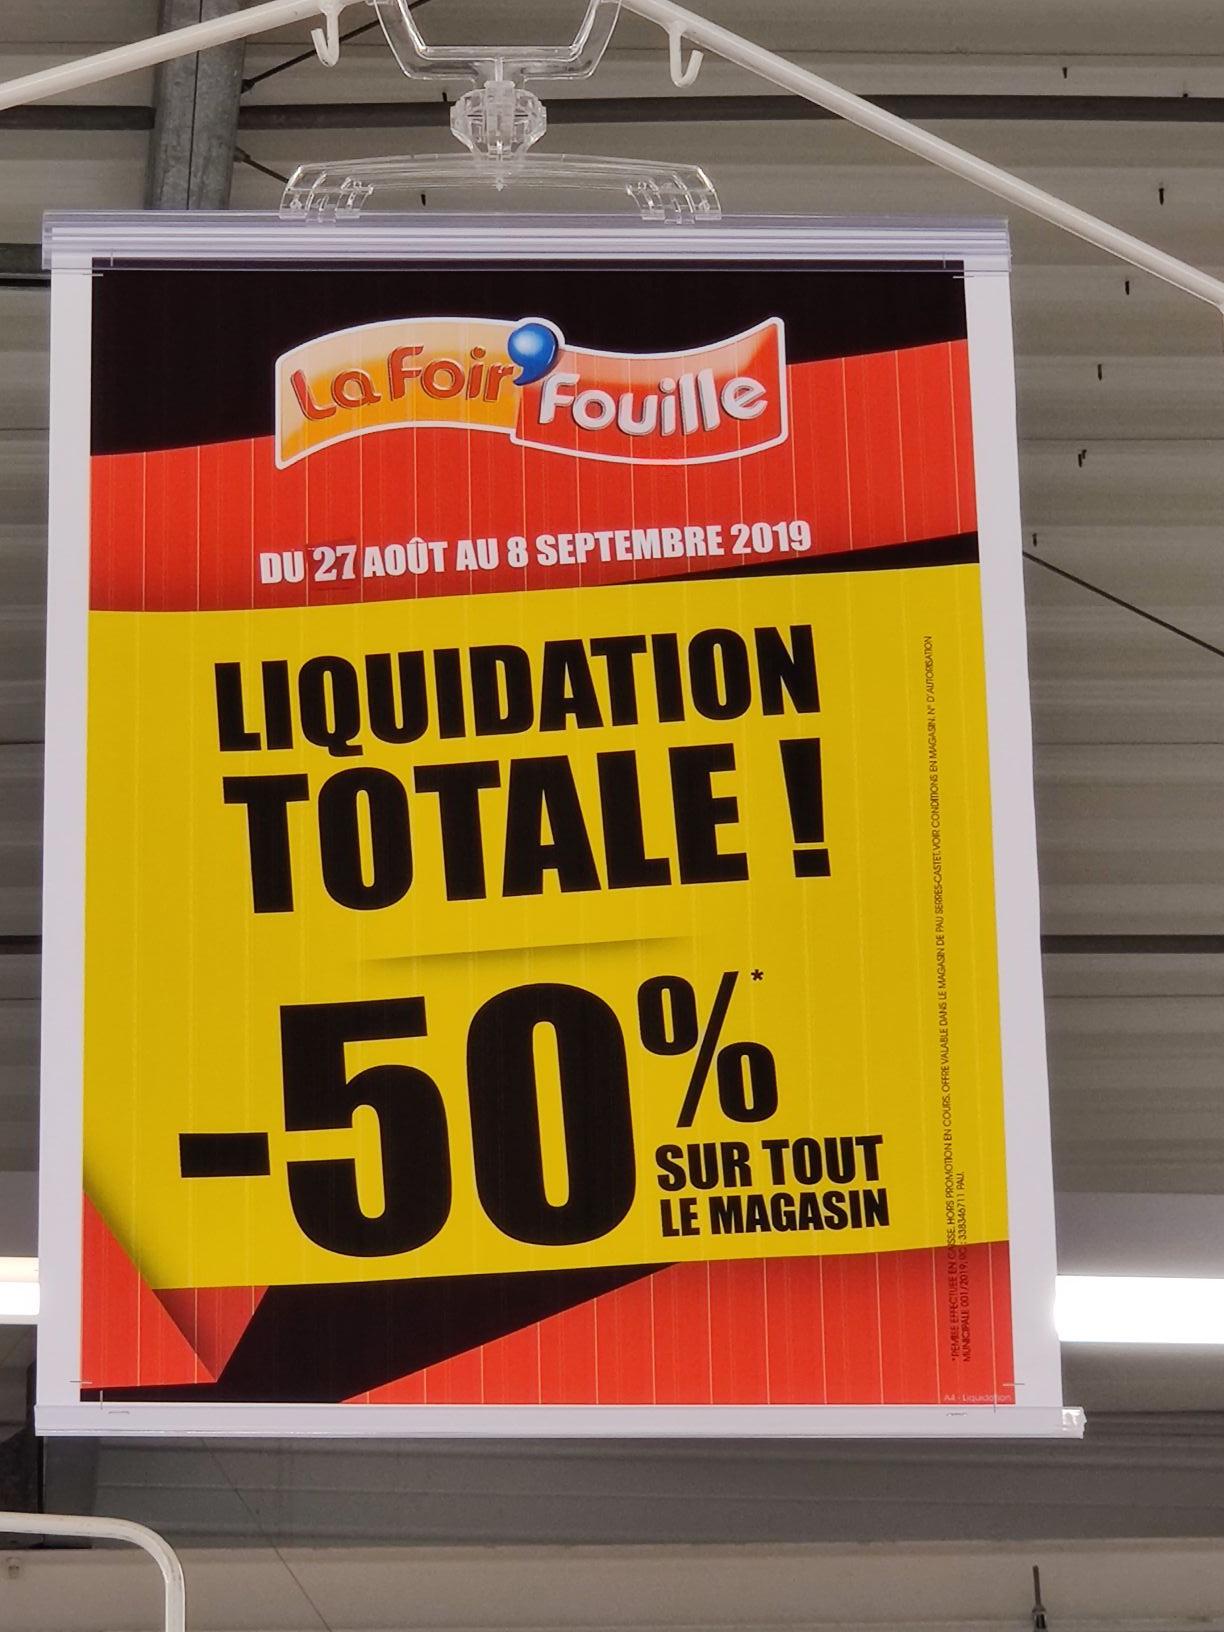 50 De Réduction Sur Tout Le Magasin Serres Castet 64